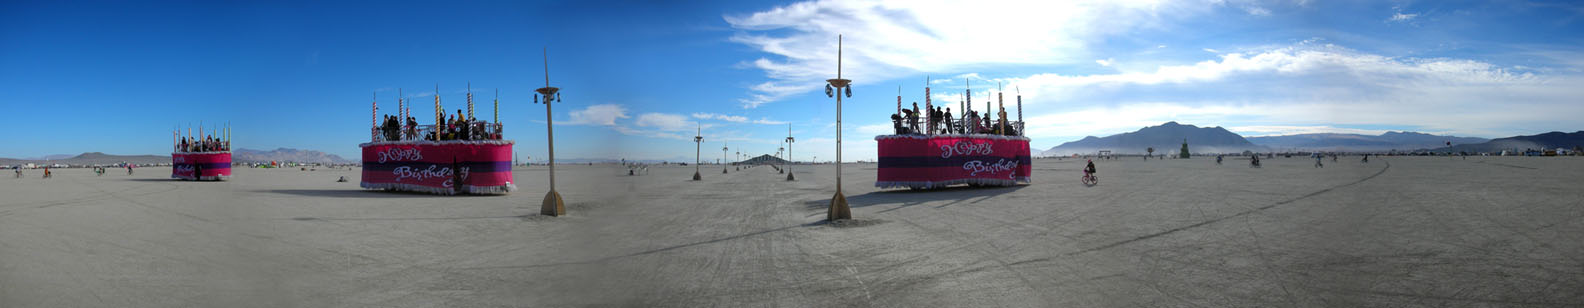 Panmagiccom Burning Man 2007 Panoramas